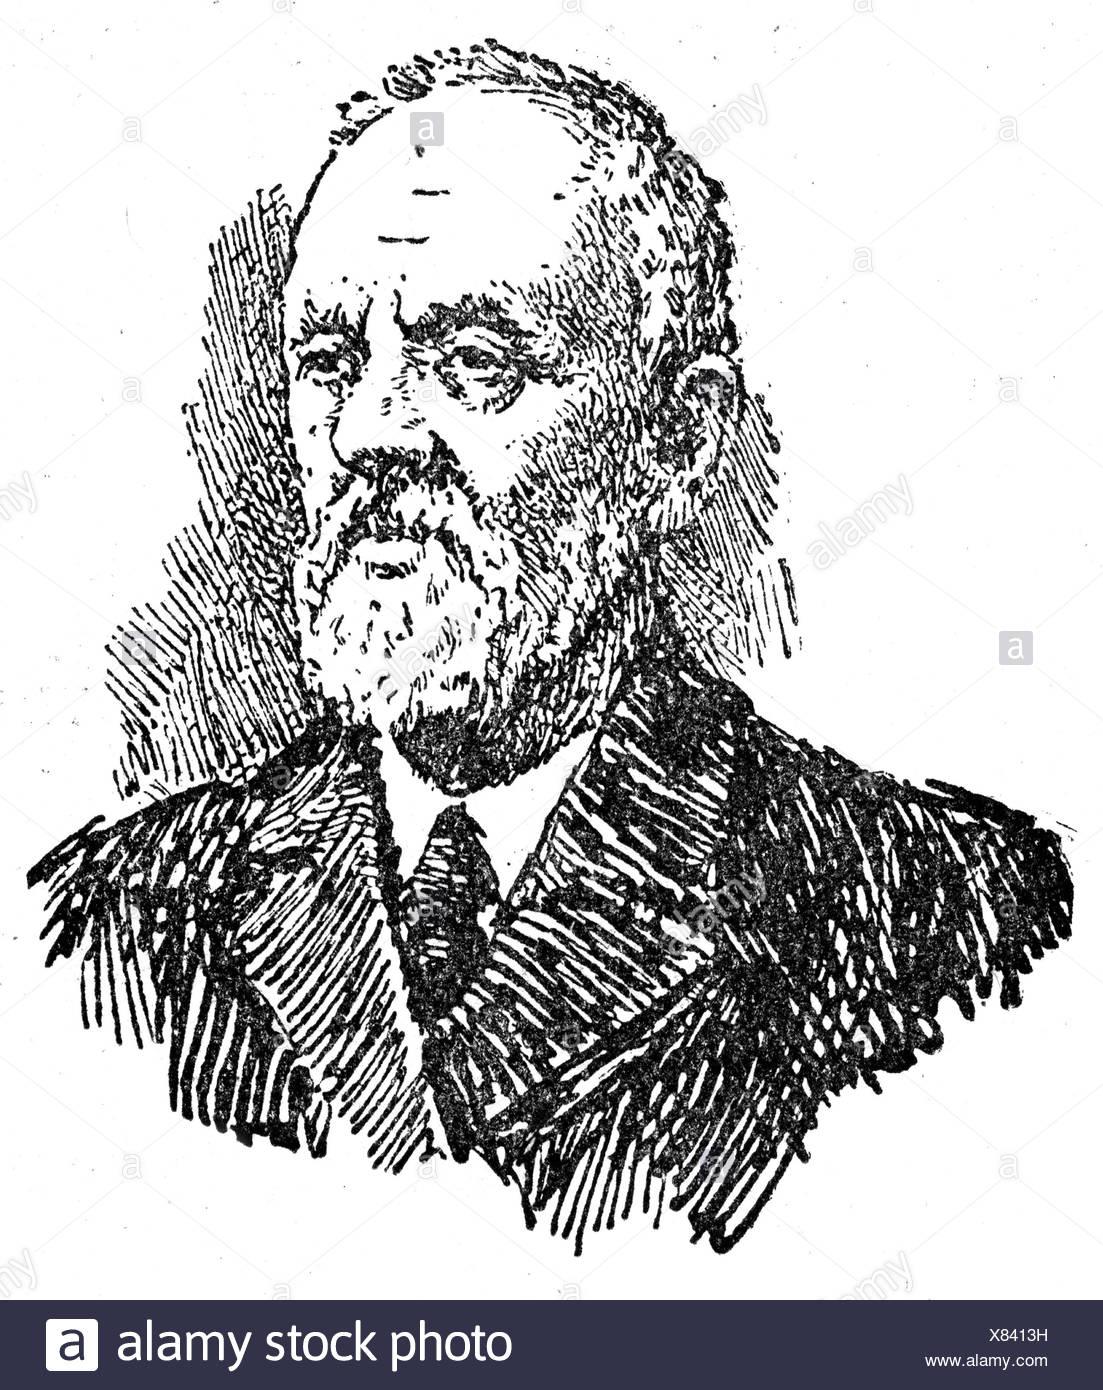 Tsiolkovsky, Konstantin Eduardovich, 17.9.1857 - 19.9.1935, russischer Wissenschaftler (Physiker, Mathematikwissenschaftler), Porträt, Holzschnitt, Stockfoto